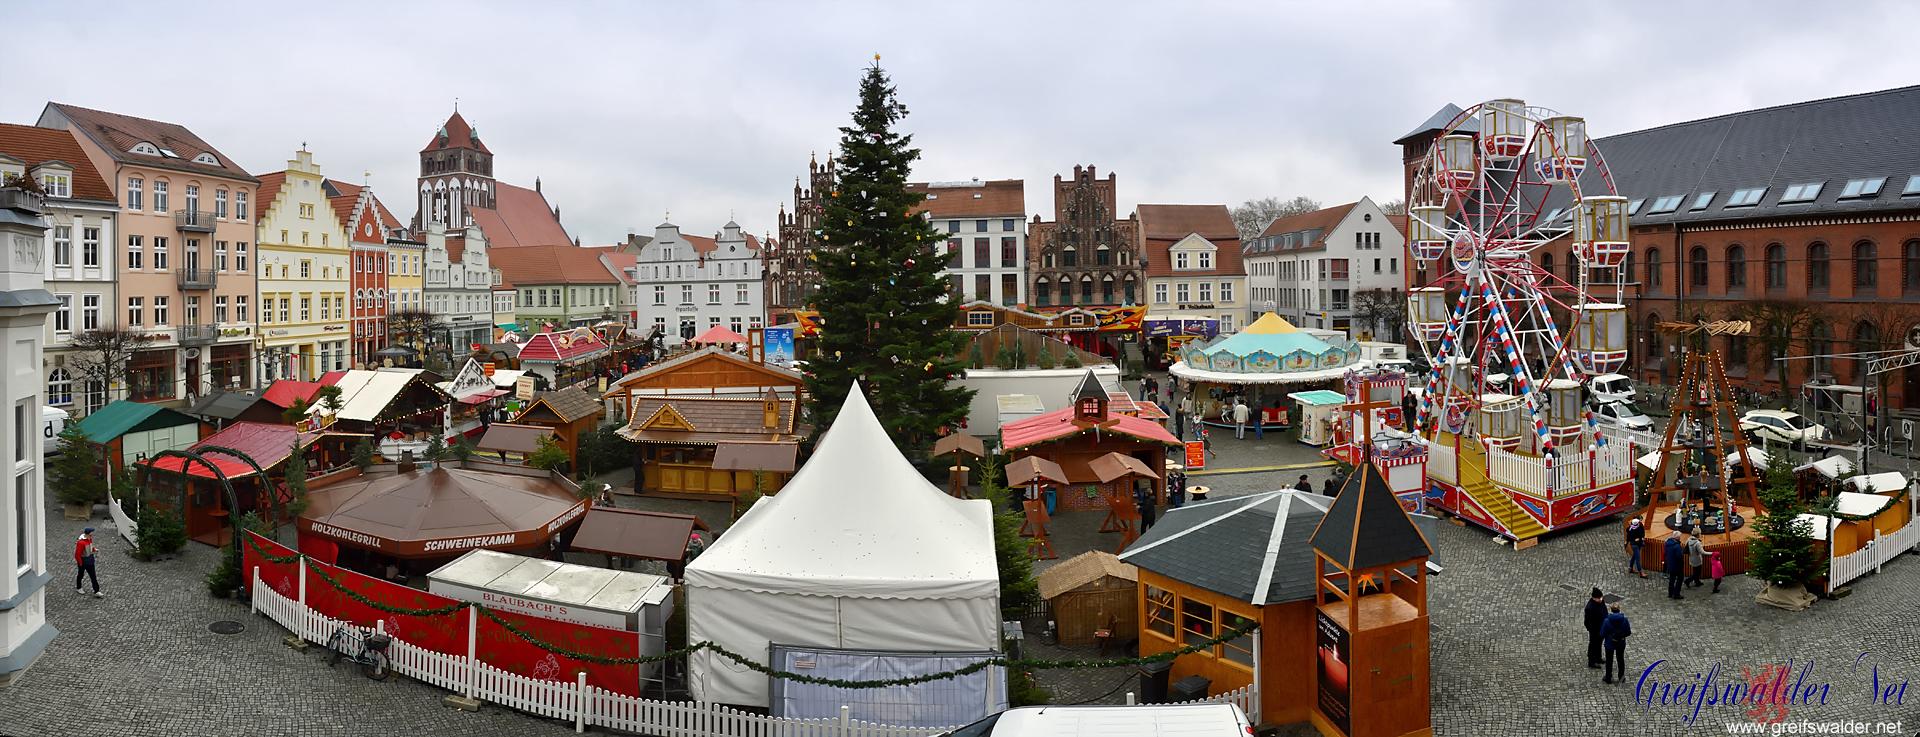 Weihnachtsmarkt 2016 in Greifswald